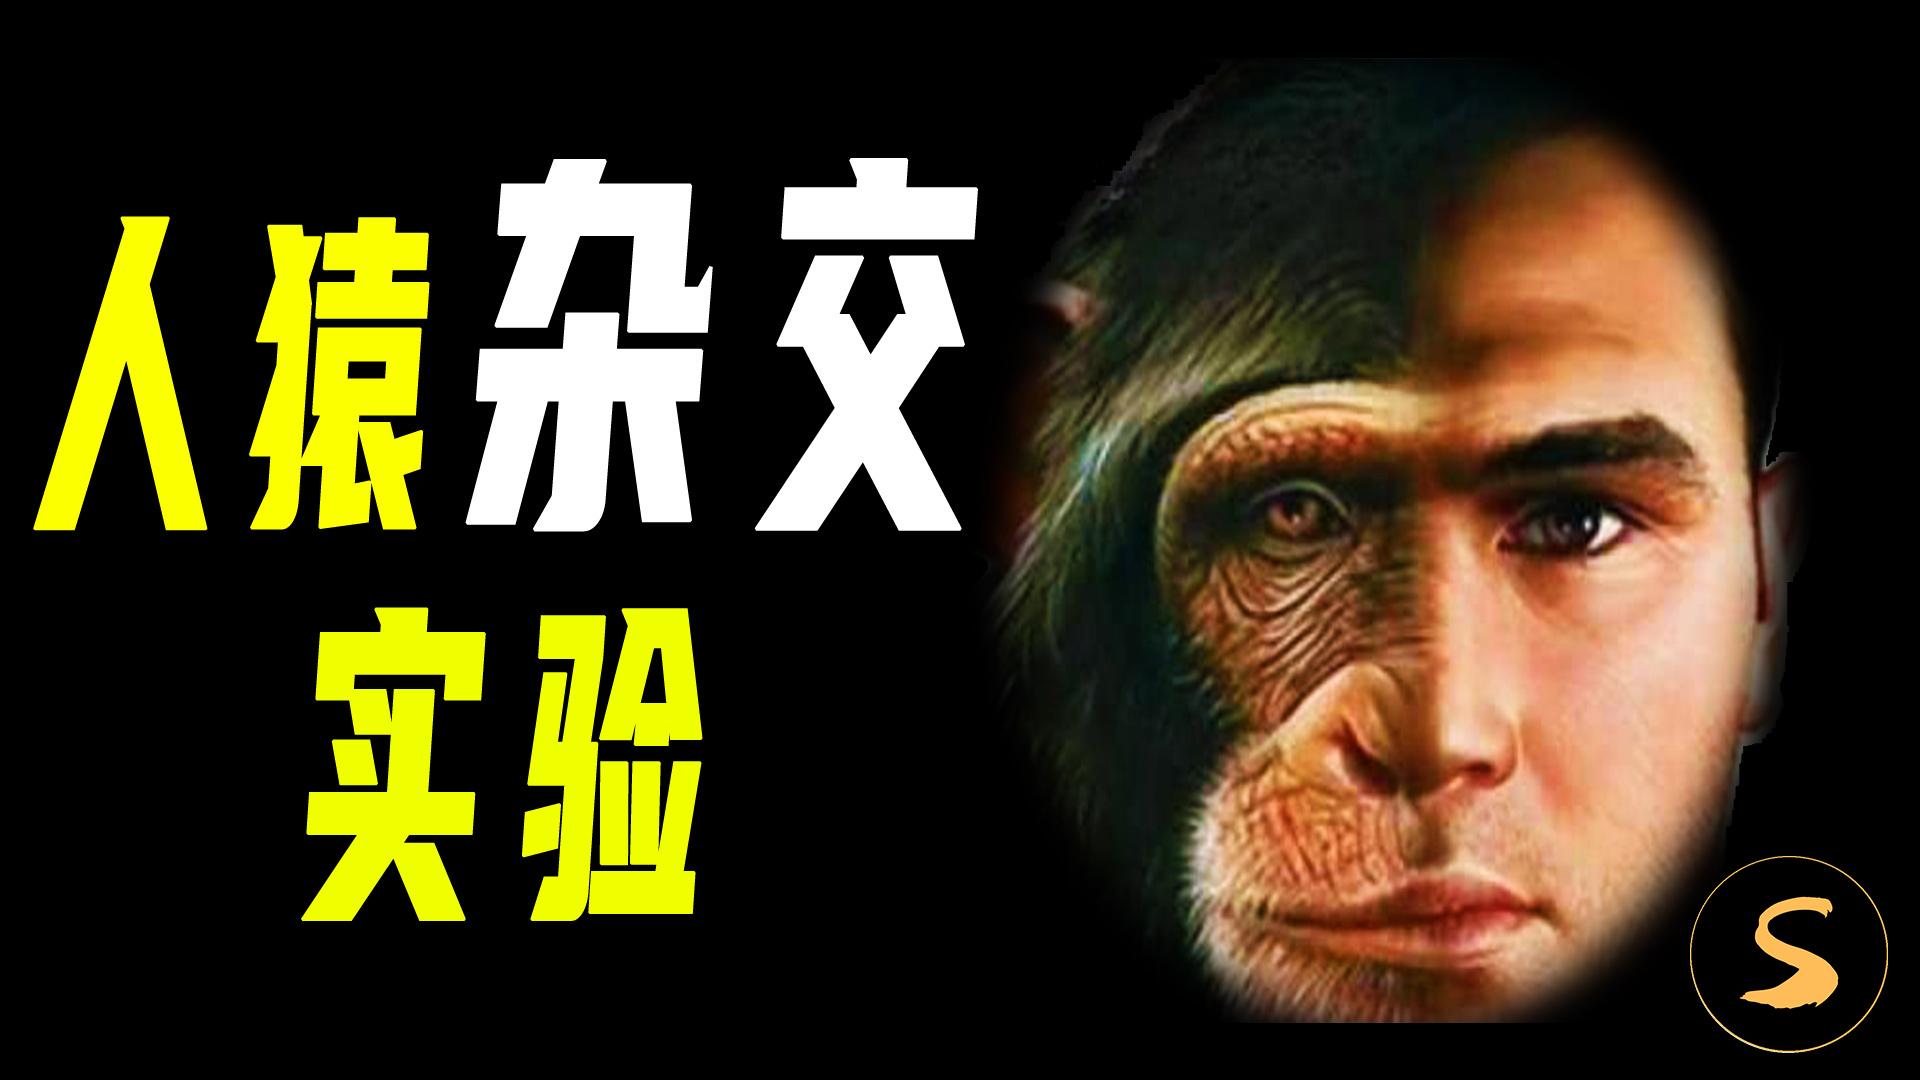 人类和猩猩杂交会出现什么神奇物种?前苏联曾实施的反伦理实验